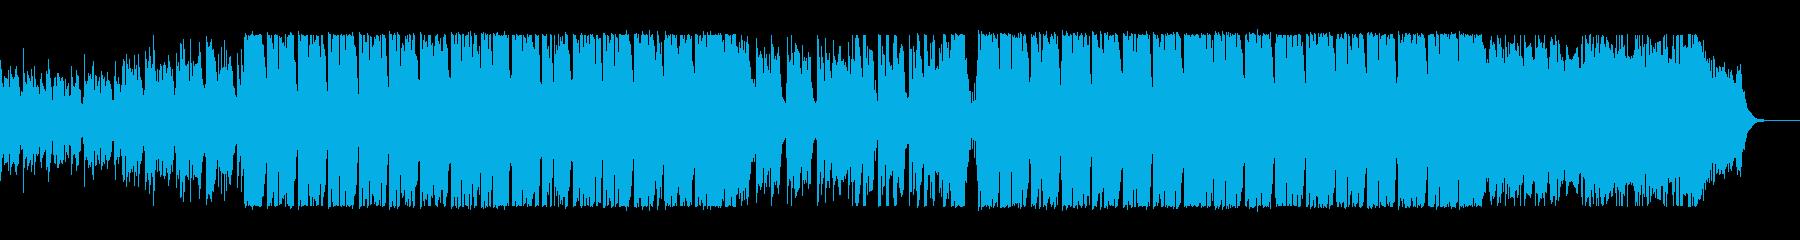 レトロな電子音系、80sポップスの再生済みの波形